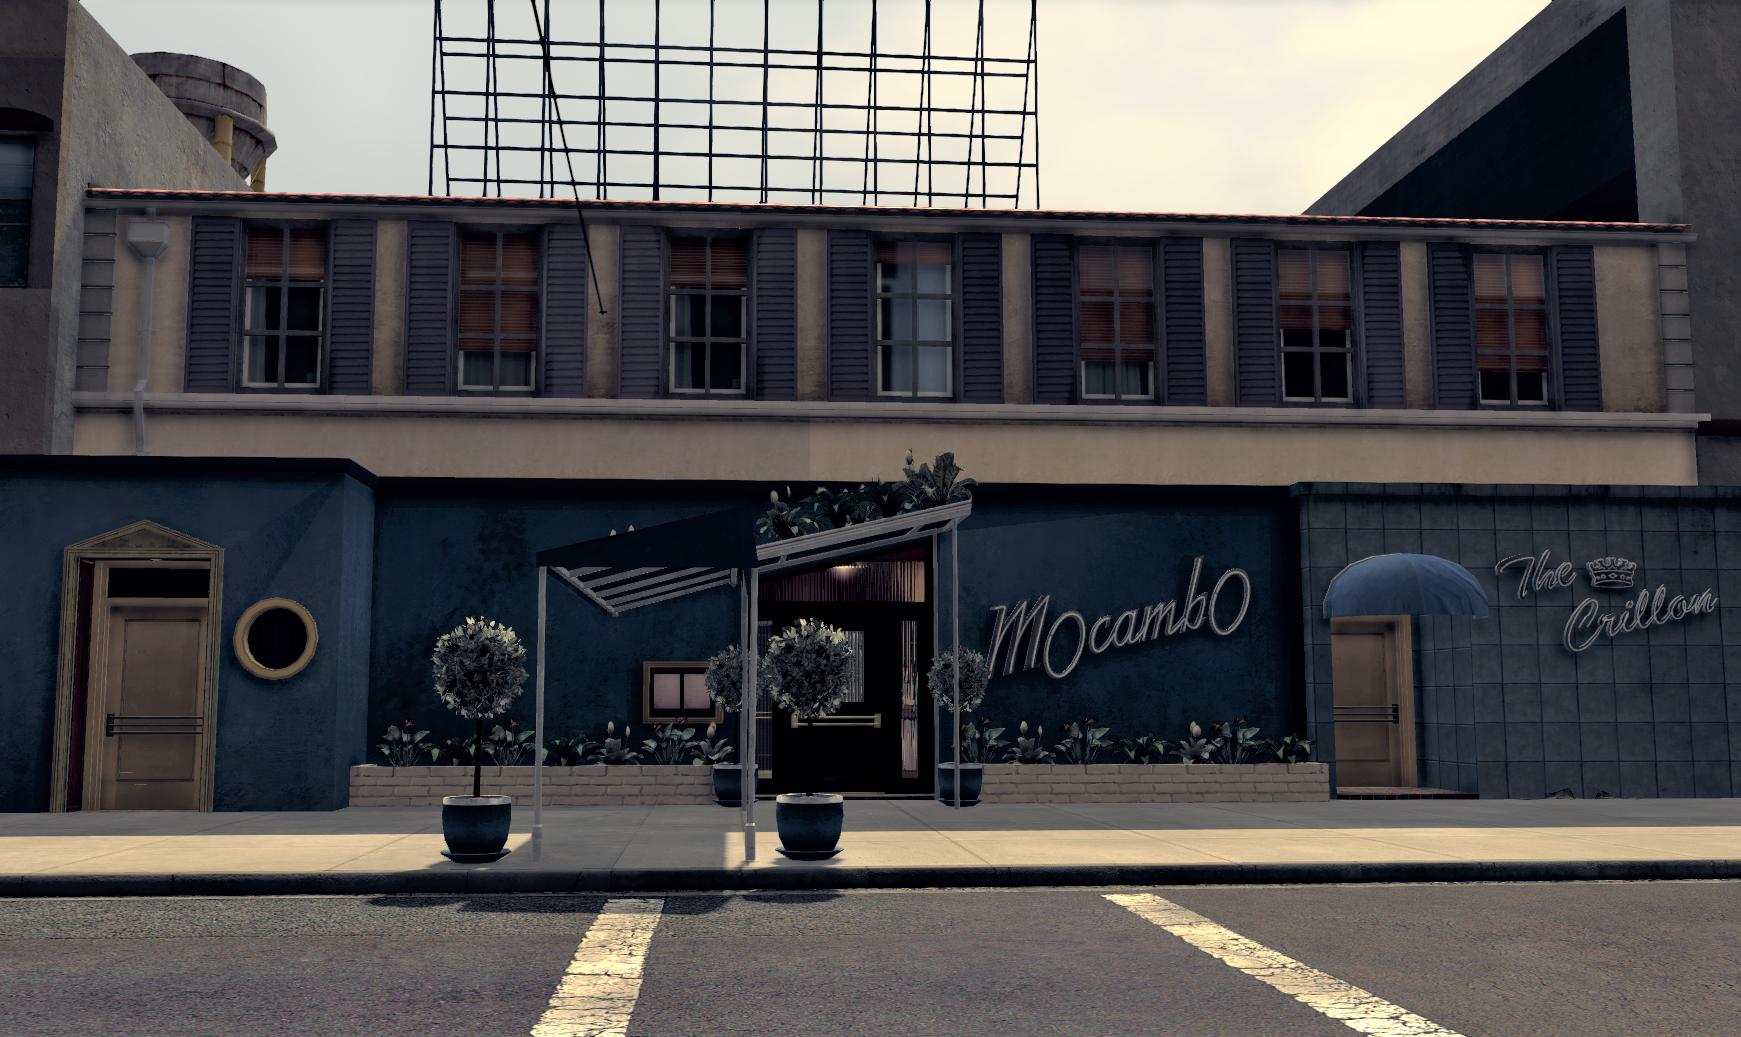 The Mocambo Club